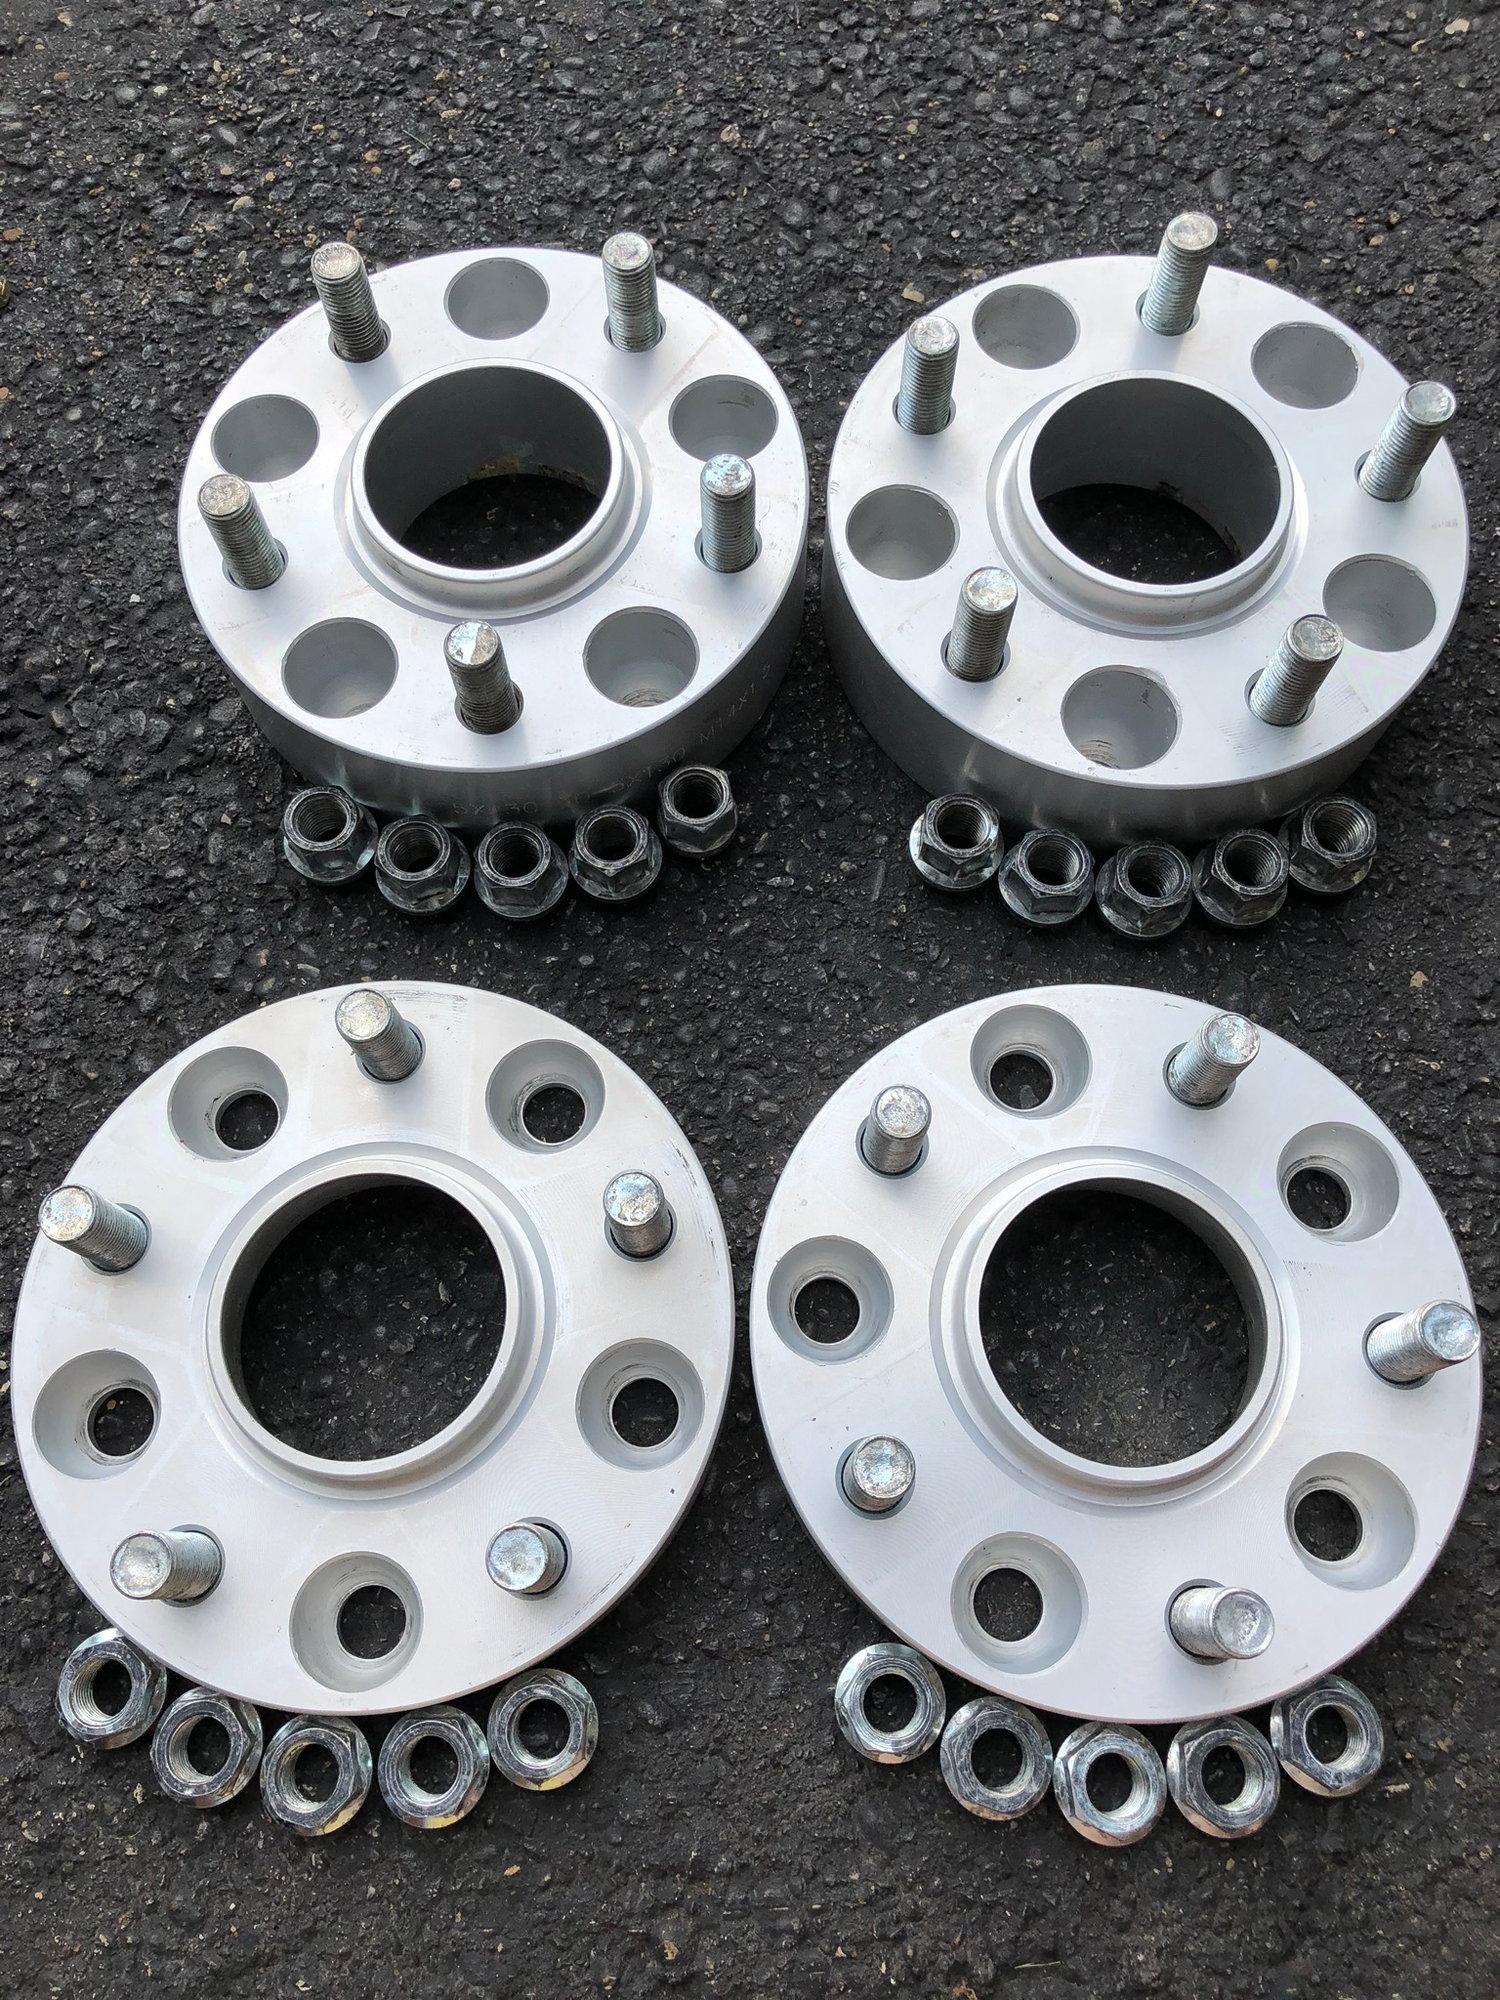 TRITDT Turbo Oil Return Line Kit KKK K03 K04 K06 50cm 8AN Bolt Spacing 38mm